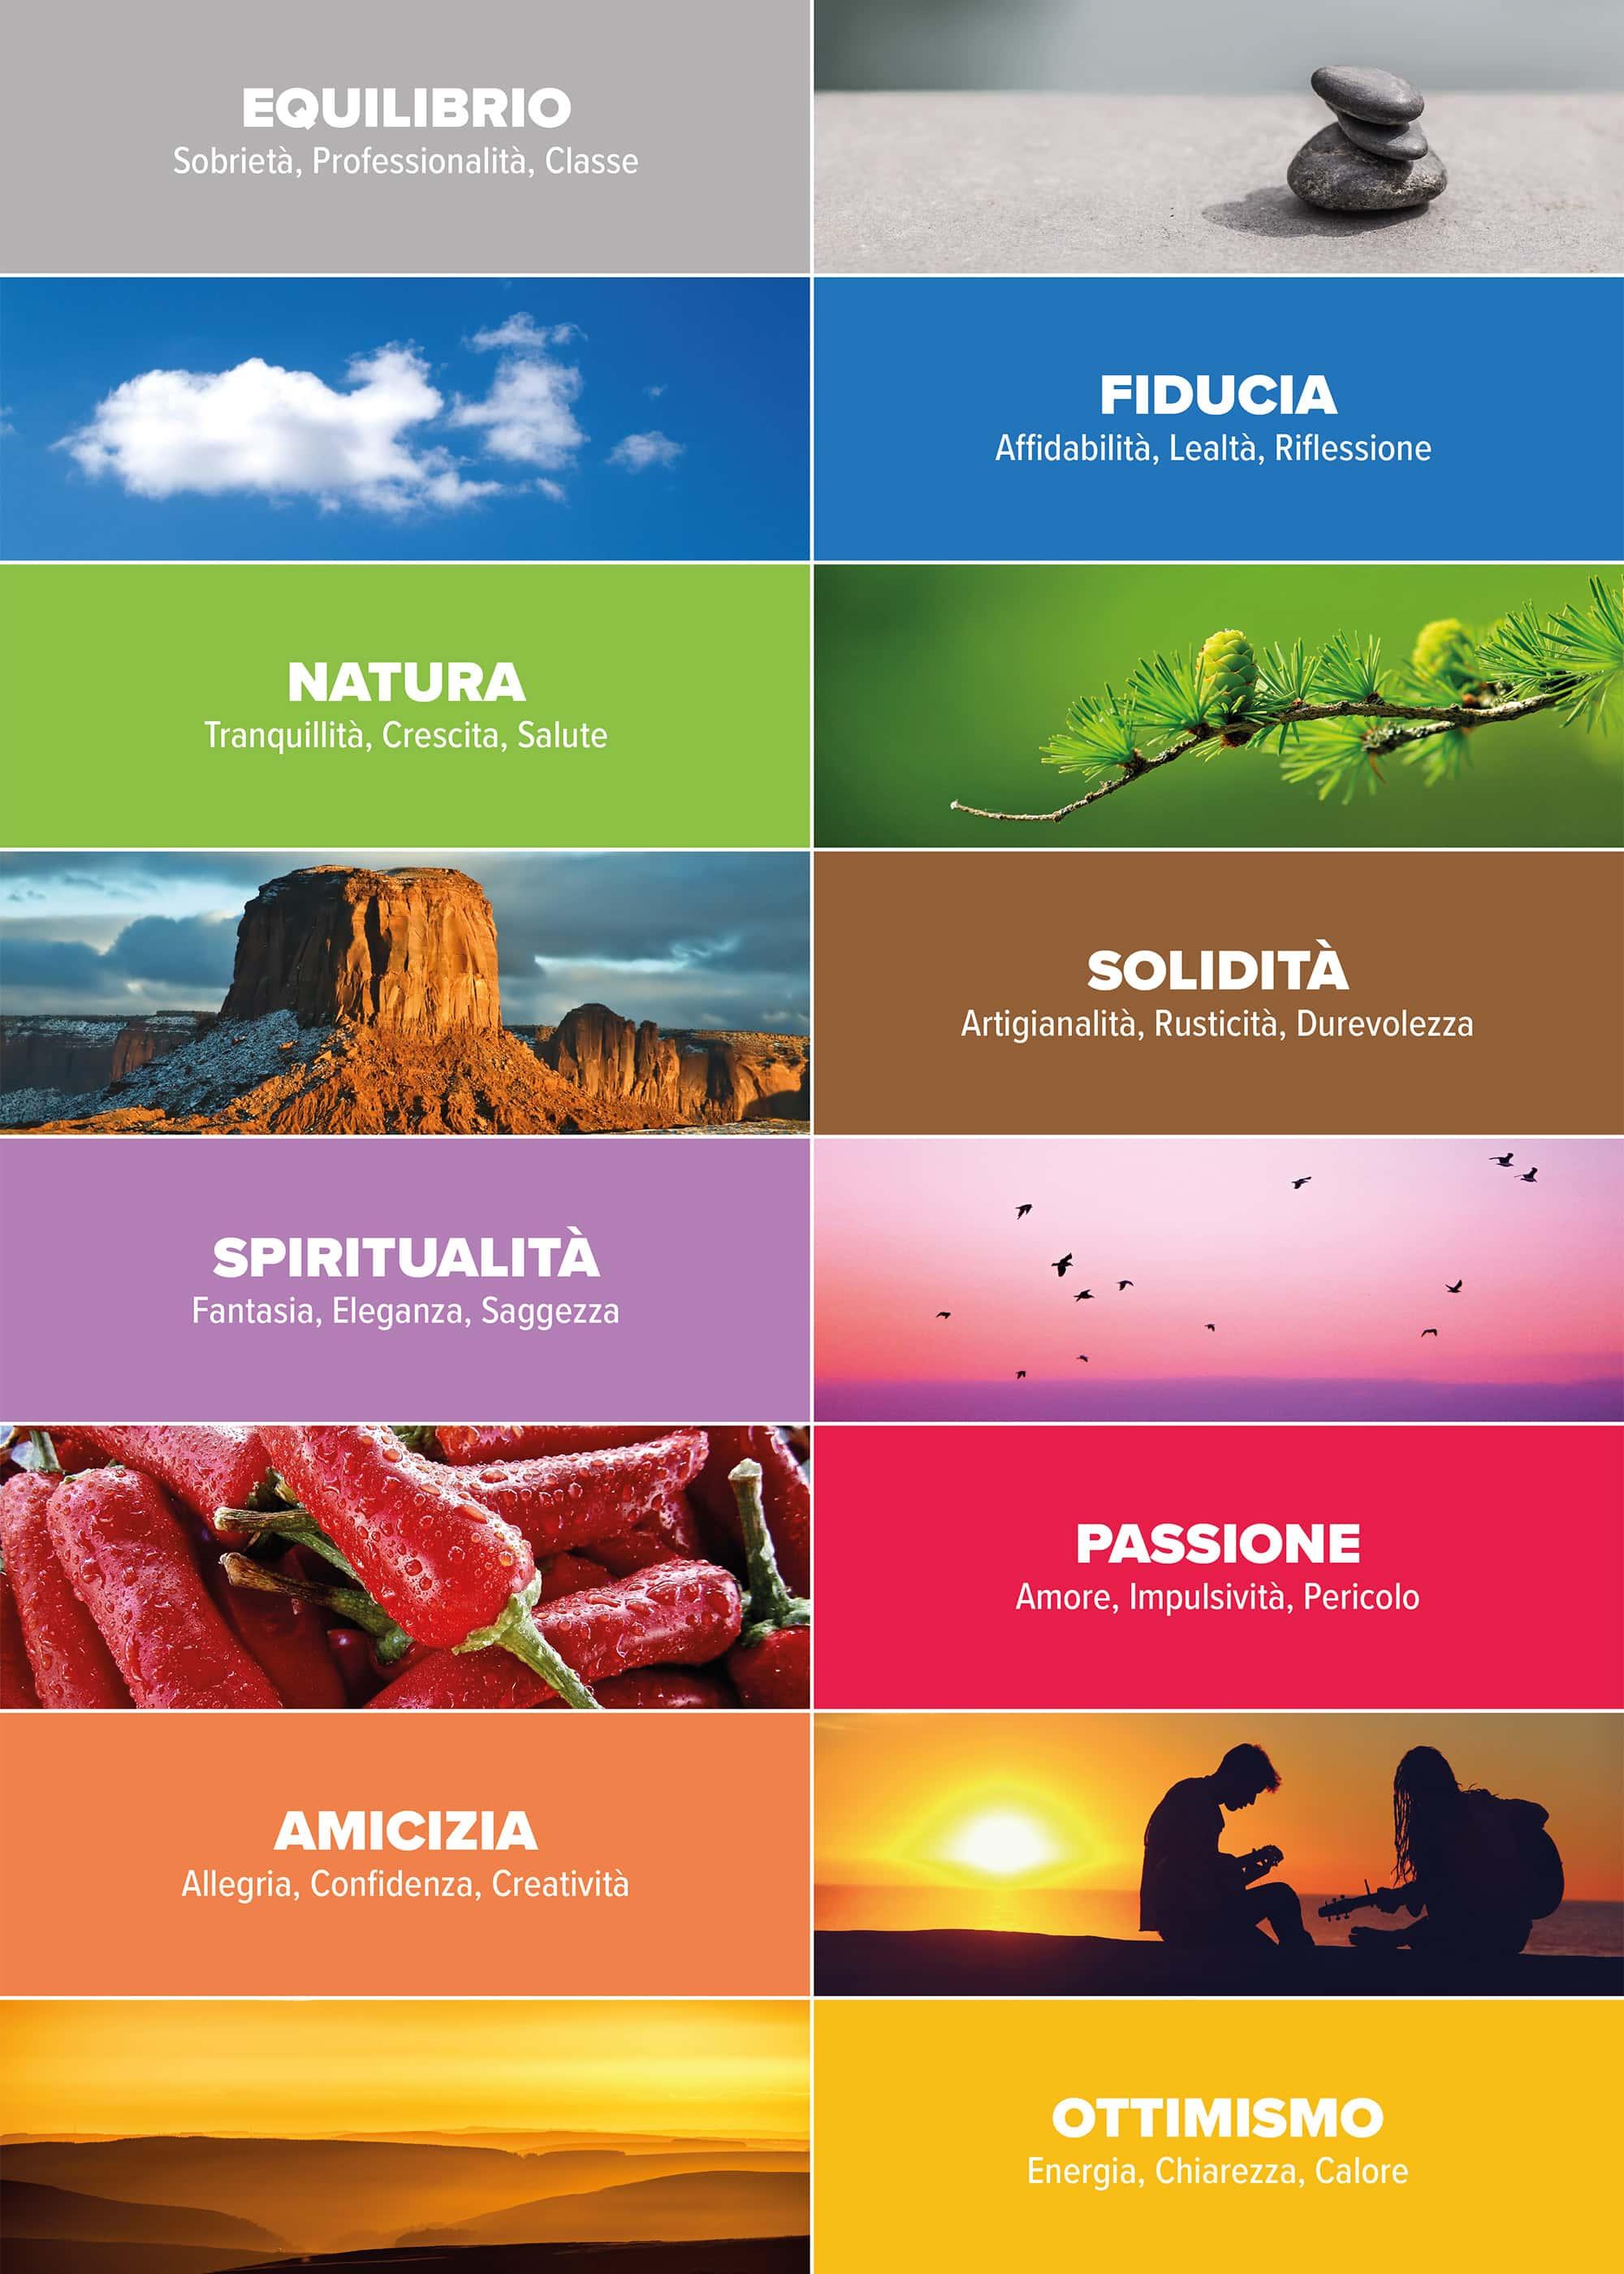 Significato dei colori nella cultura occidentale